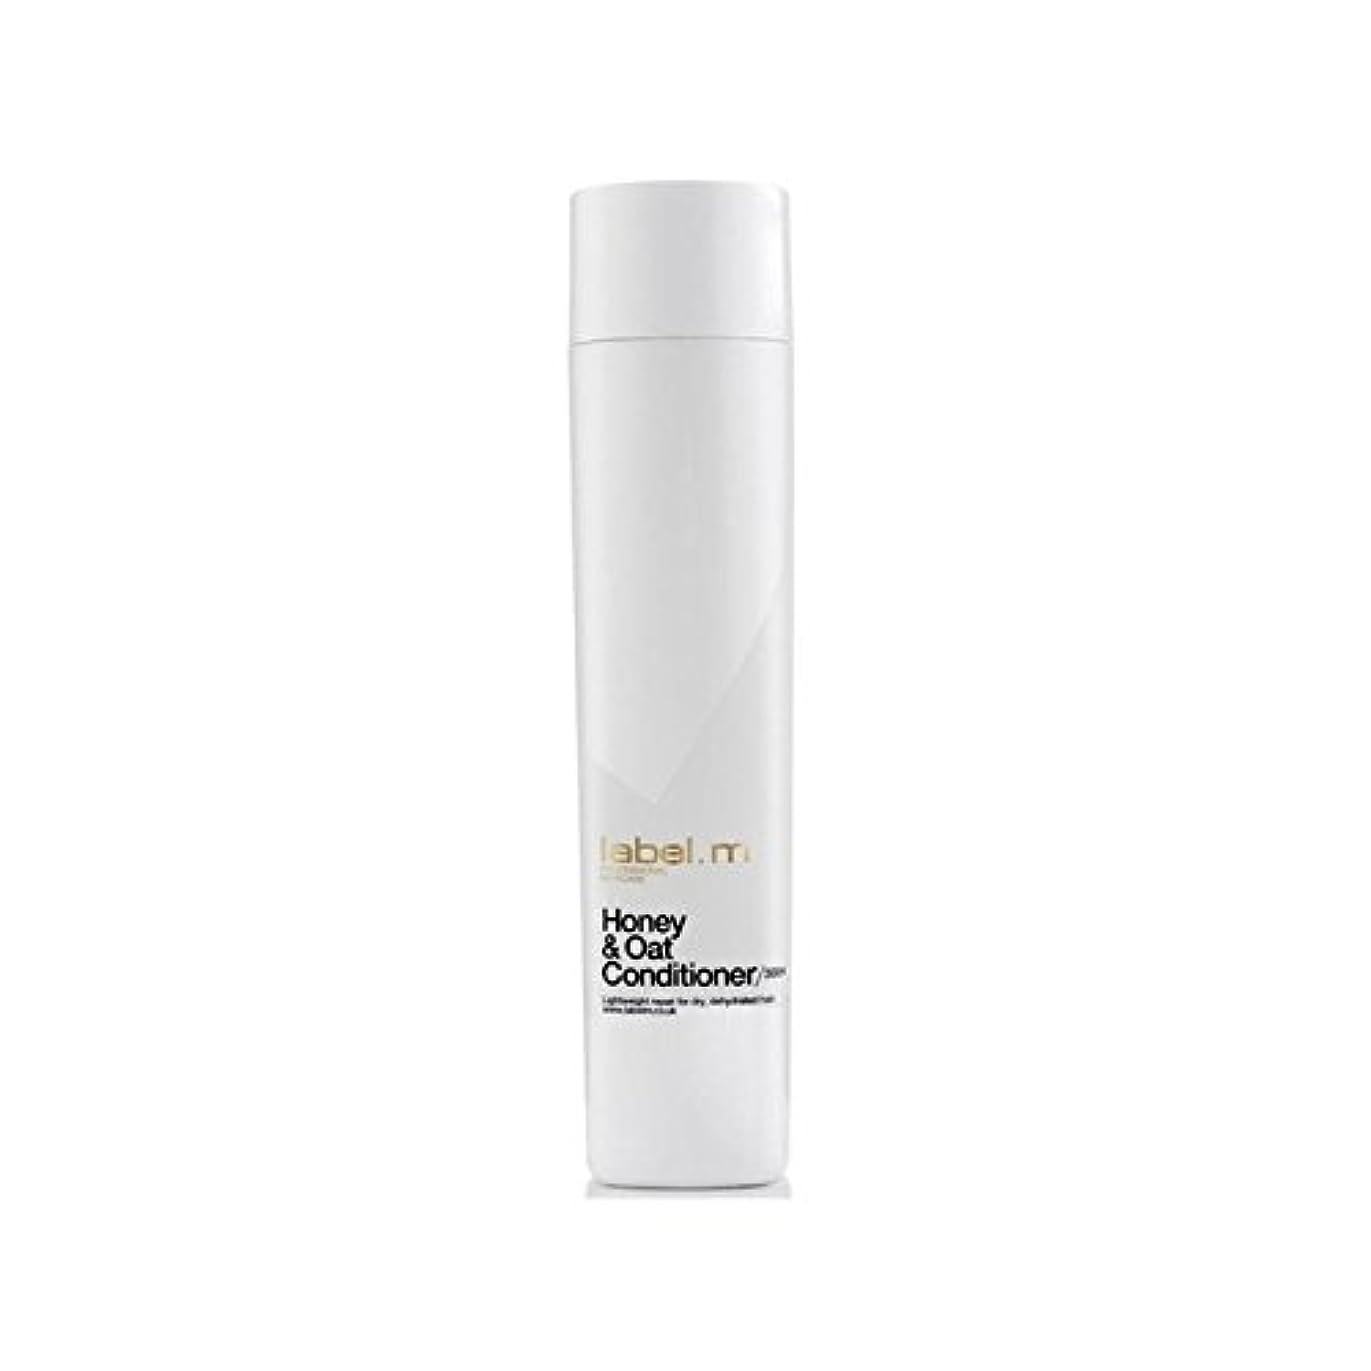 自治在庫乱雑な.ハニー&オーツ麦コンディショナー(300ミリリットル) x2 - Label.M Honey & Oat Conditioner (300ml) (Pack of 2) [並行輸入品]